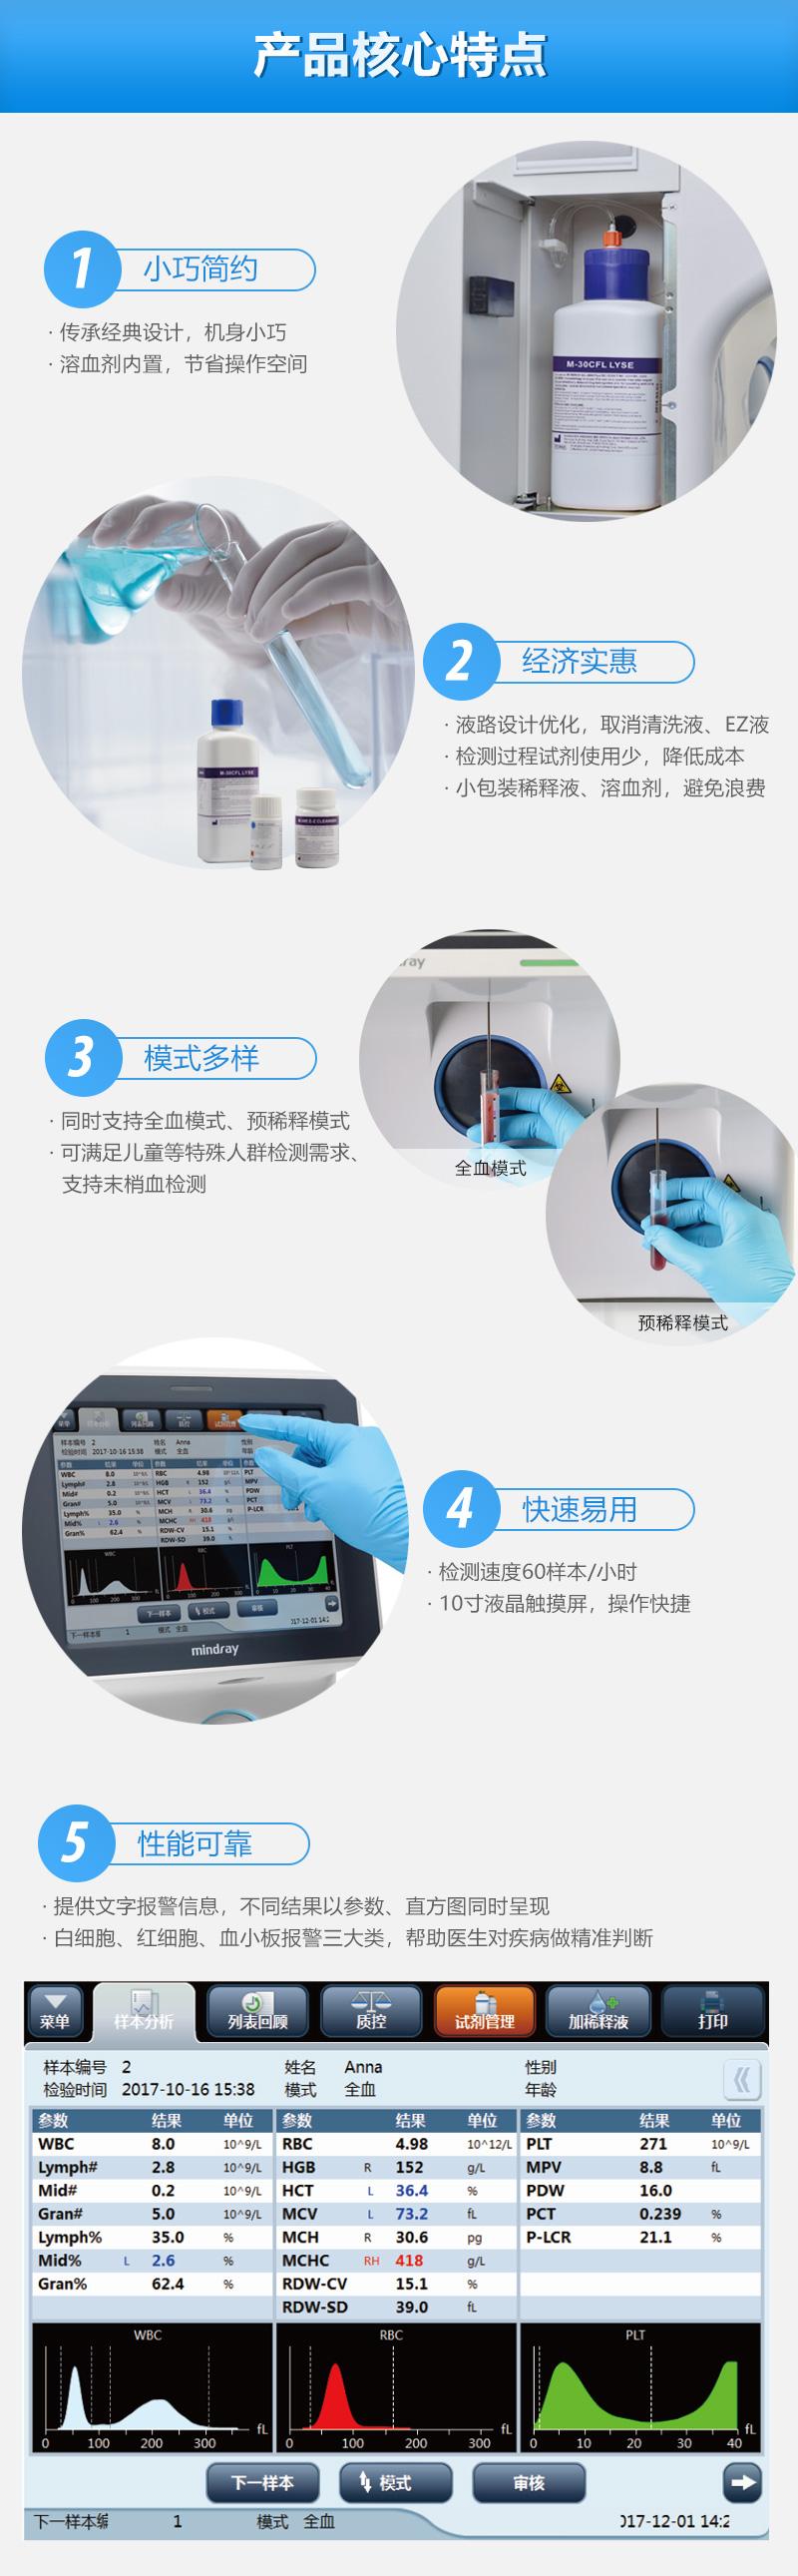 迈瑞Mindray全自动血液细胞分析仪BC-30小巧简约,经济实惠,模式多样,快速易用